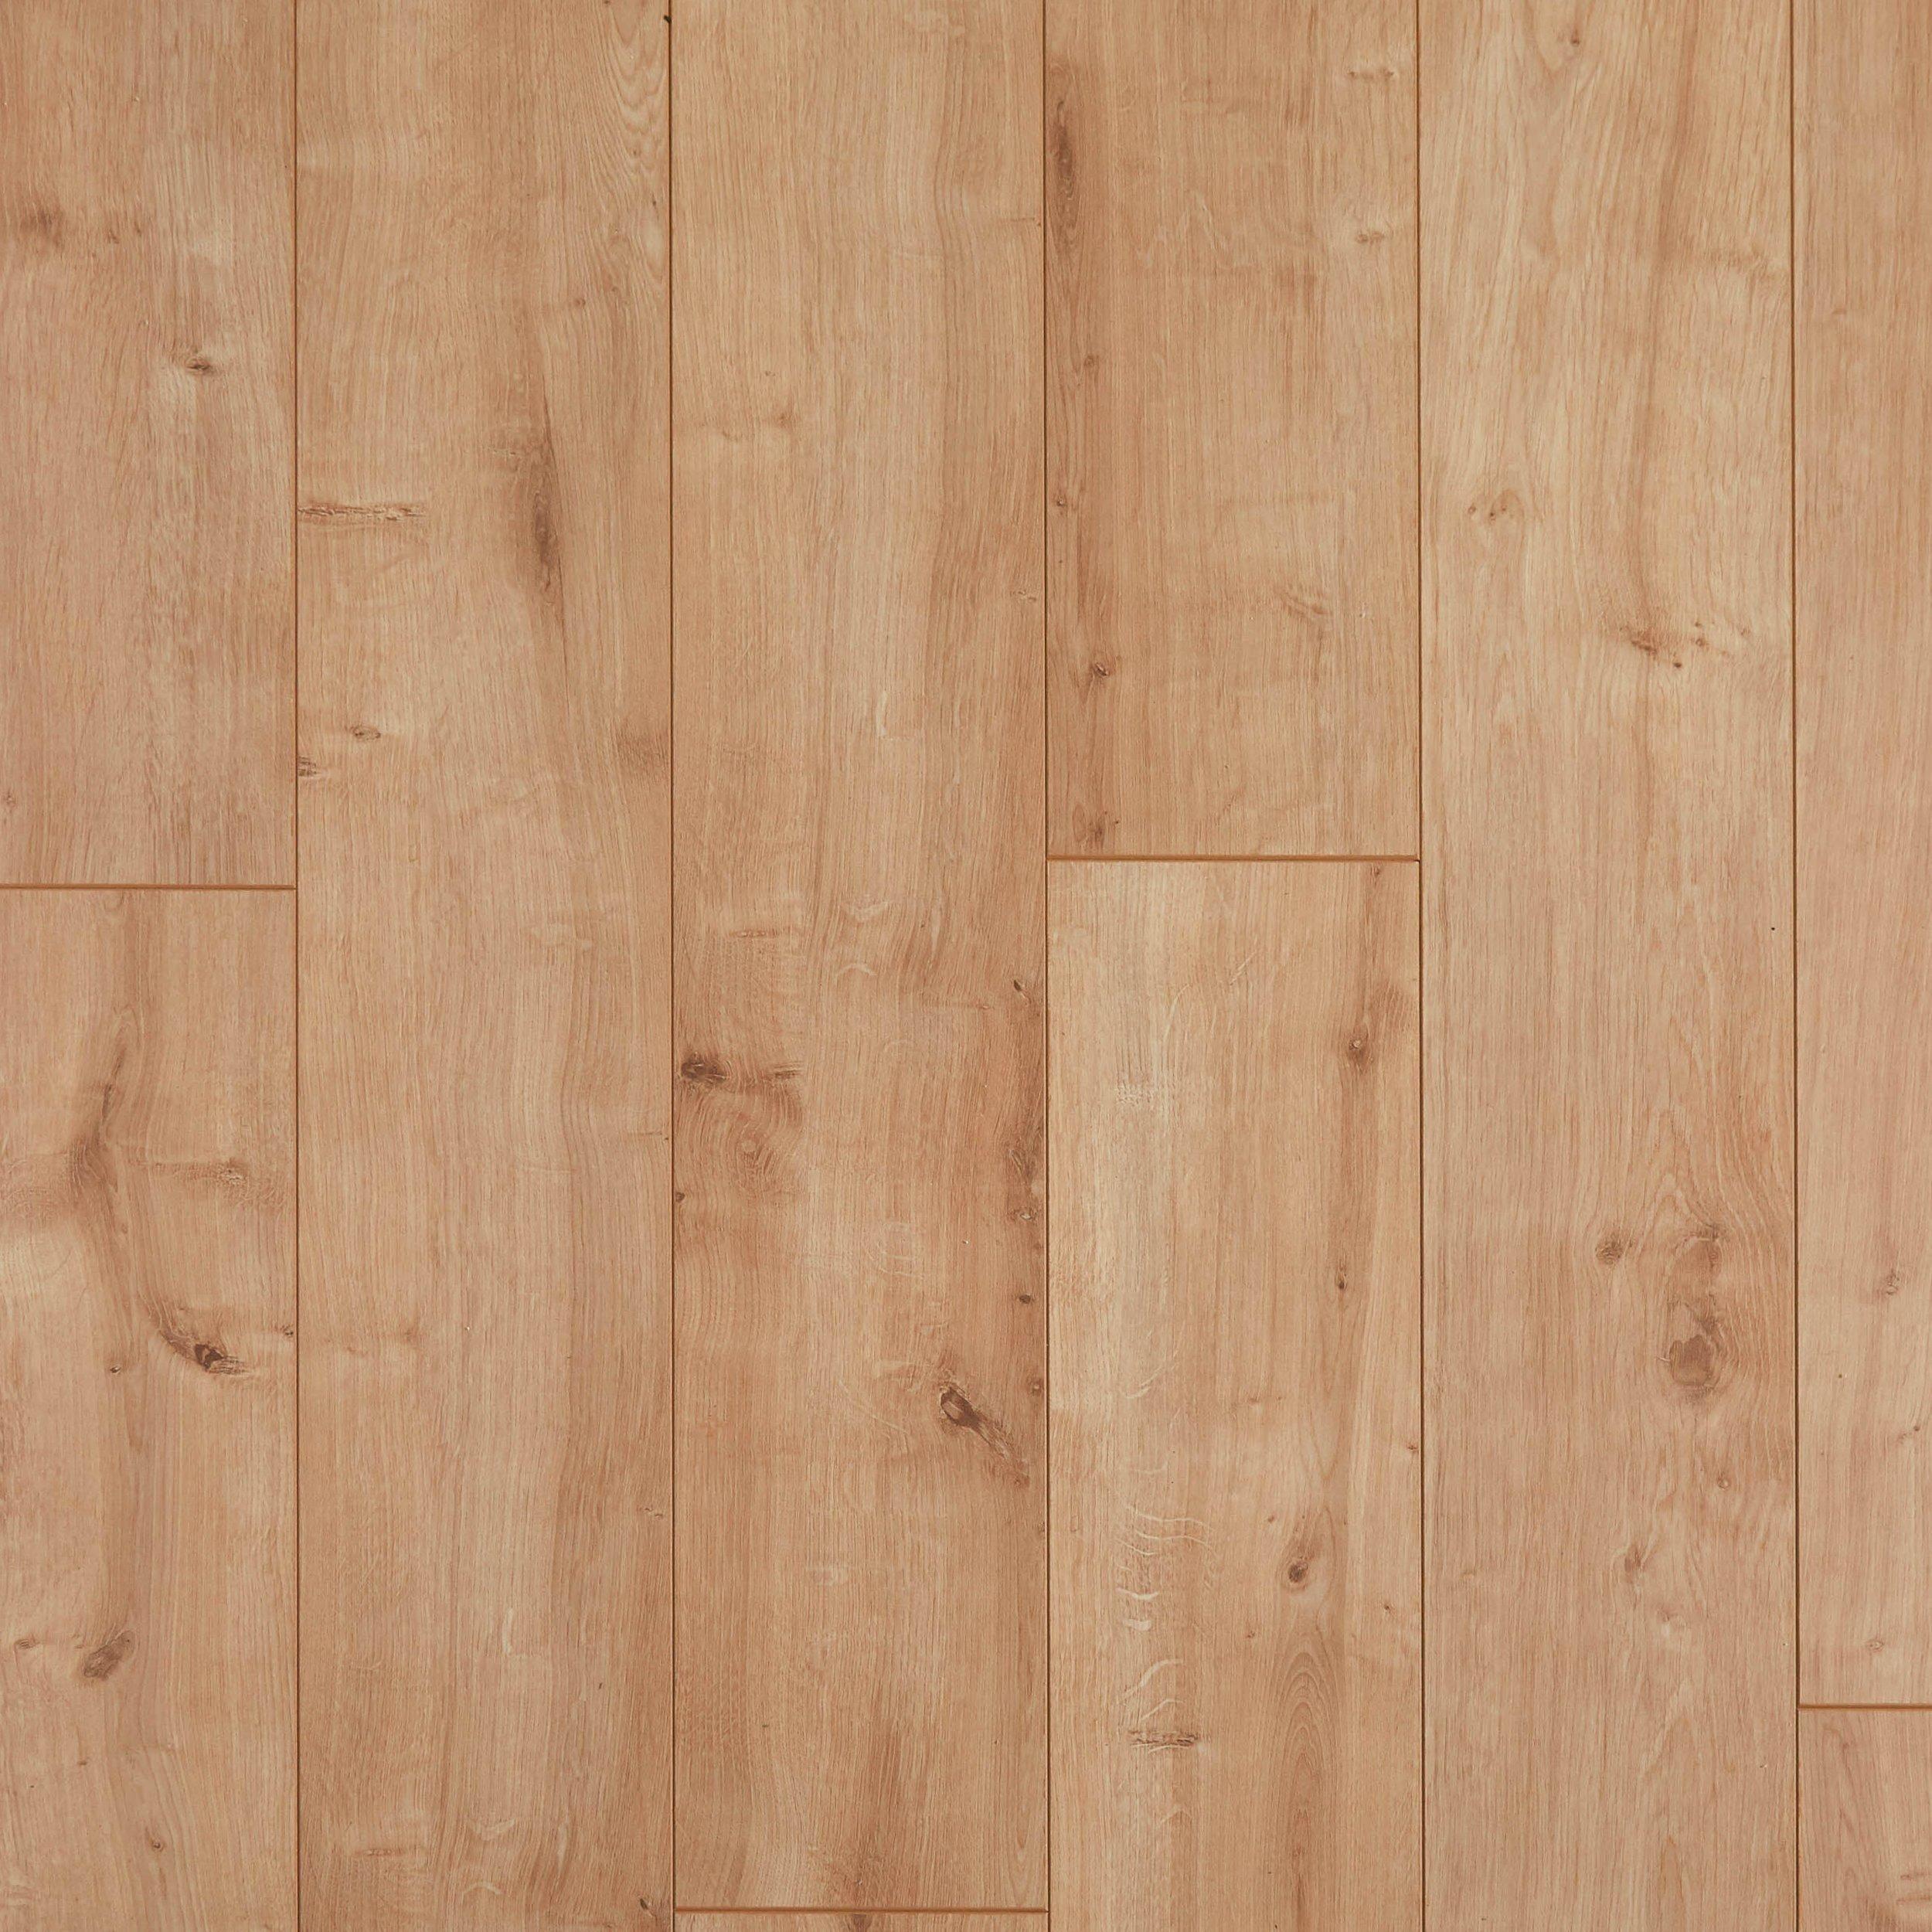 Lambent Blonde Oak Water Resistant Laminate In 2019